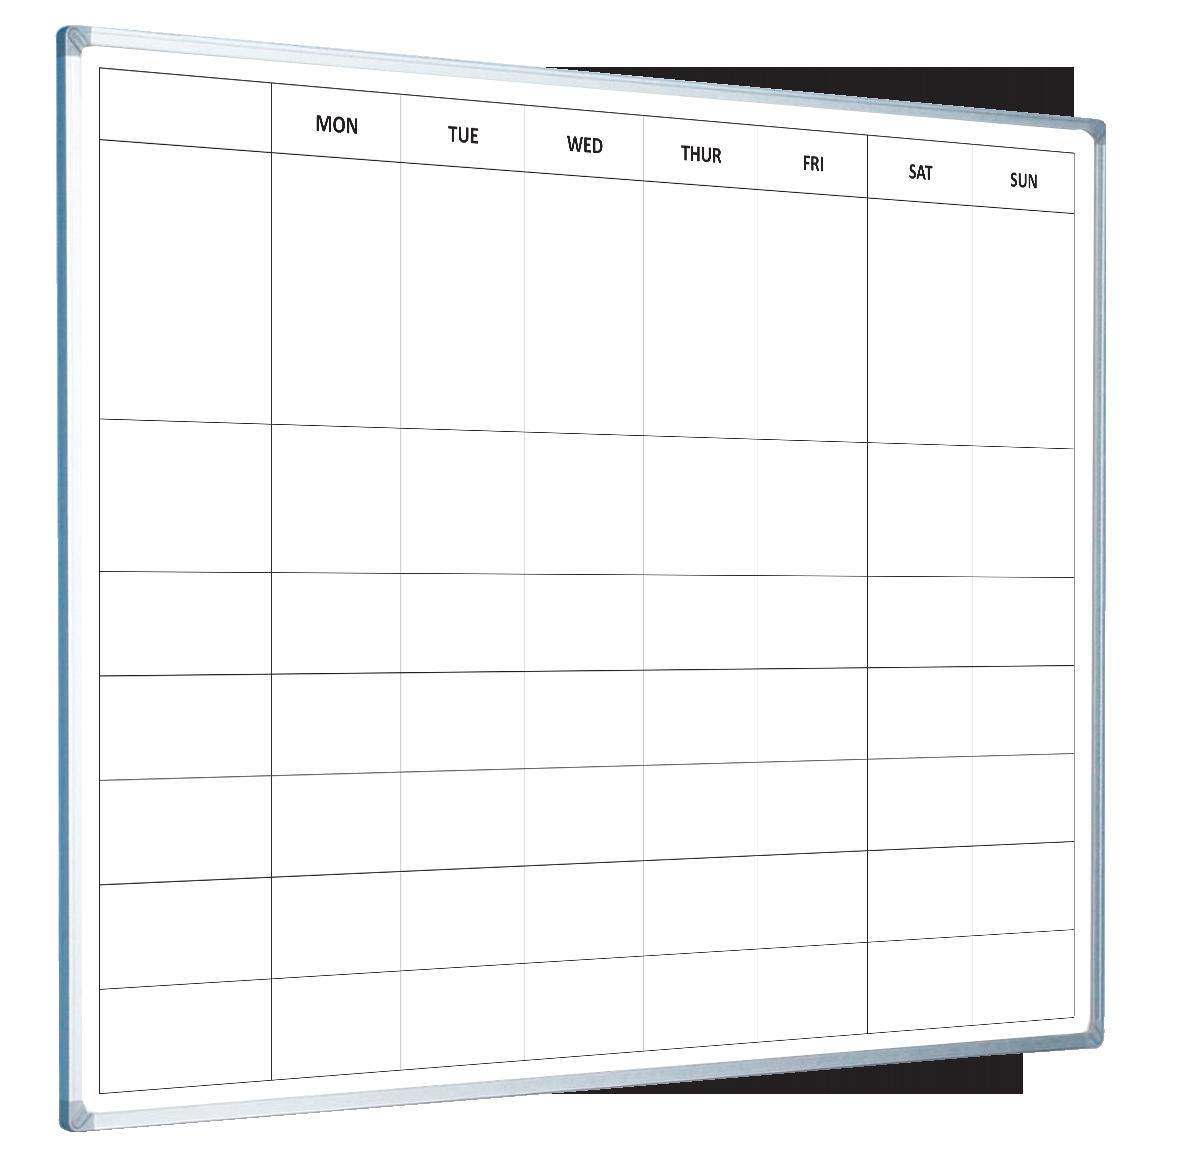 Pen clipart white board. Custom printed planner whiteboards